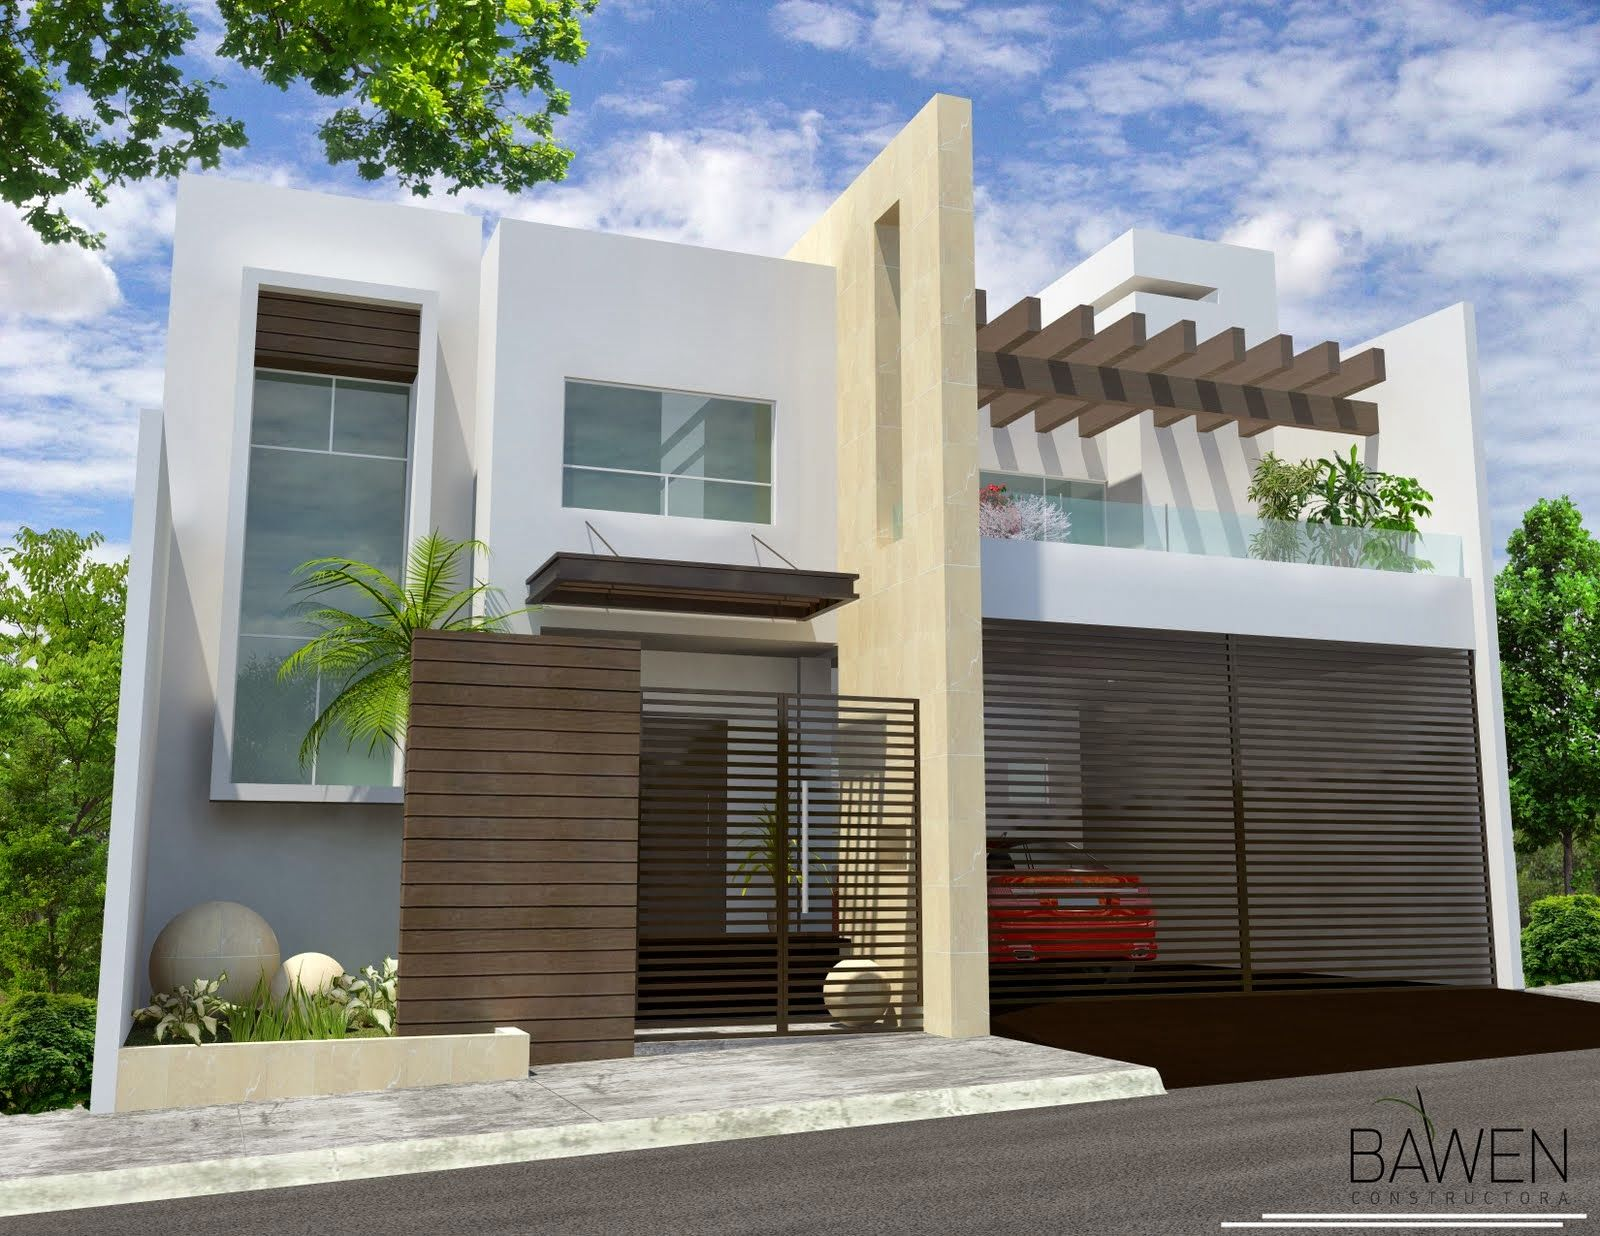 Fachada mirador 1 600 1 236 pixeles for Casa moderna 7 mirote y blancana